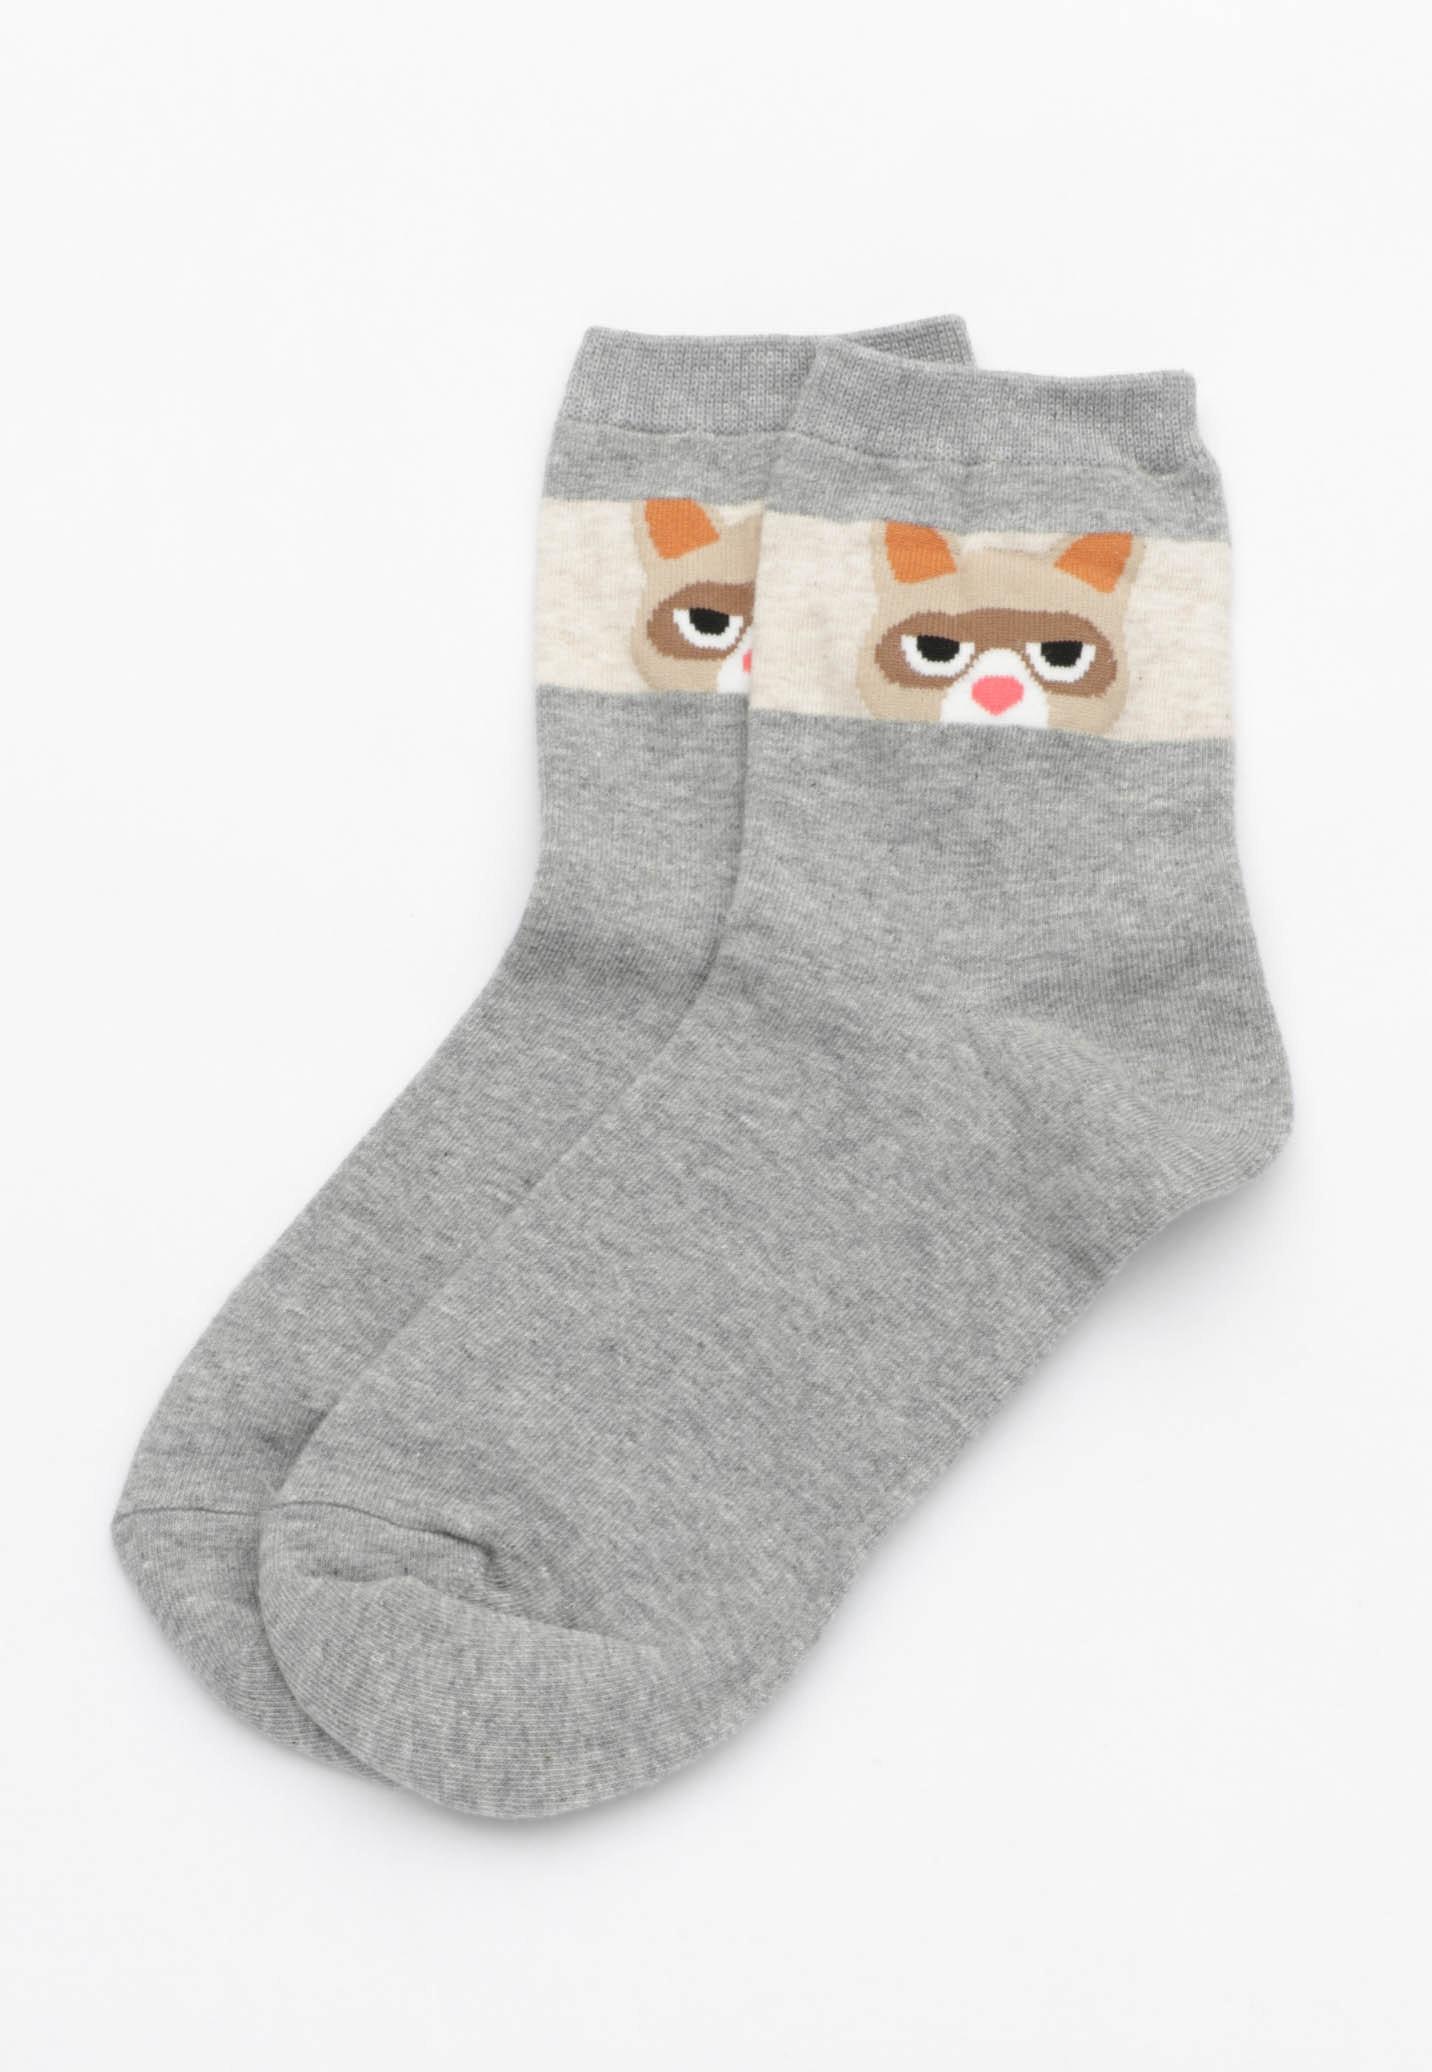 Shifty Eye Raccoon Socks - Grey